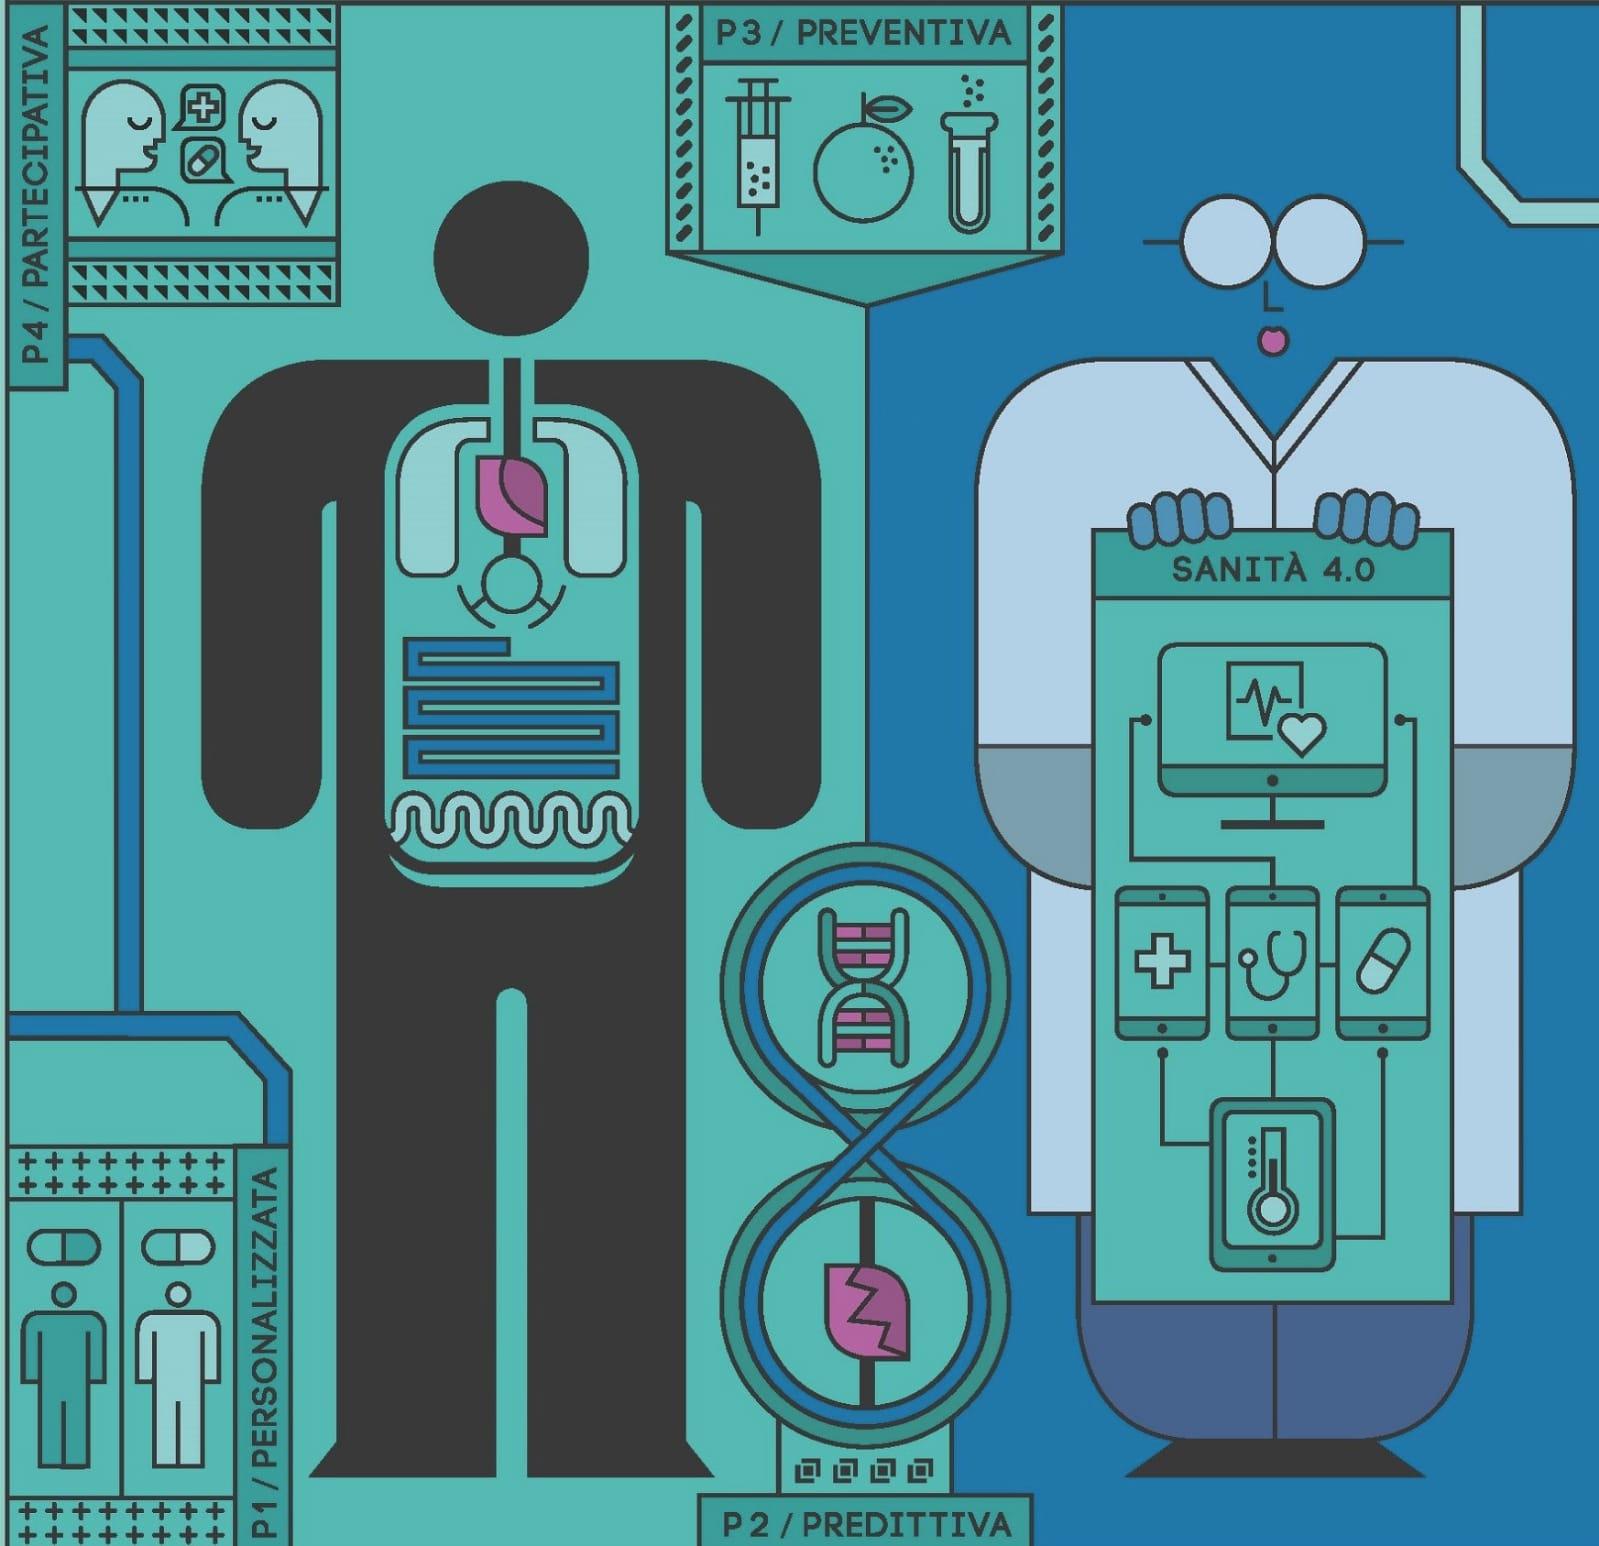 Sanità 4.0 e Medicina delle 4P: Il risveglio digitale dal sonno analogico.